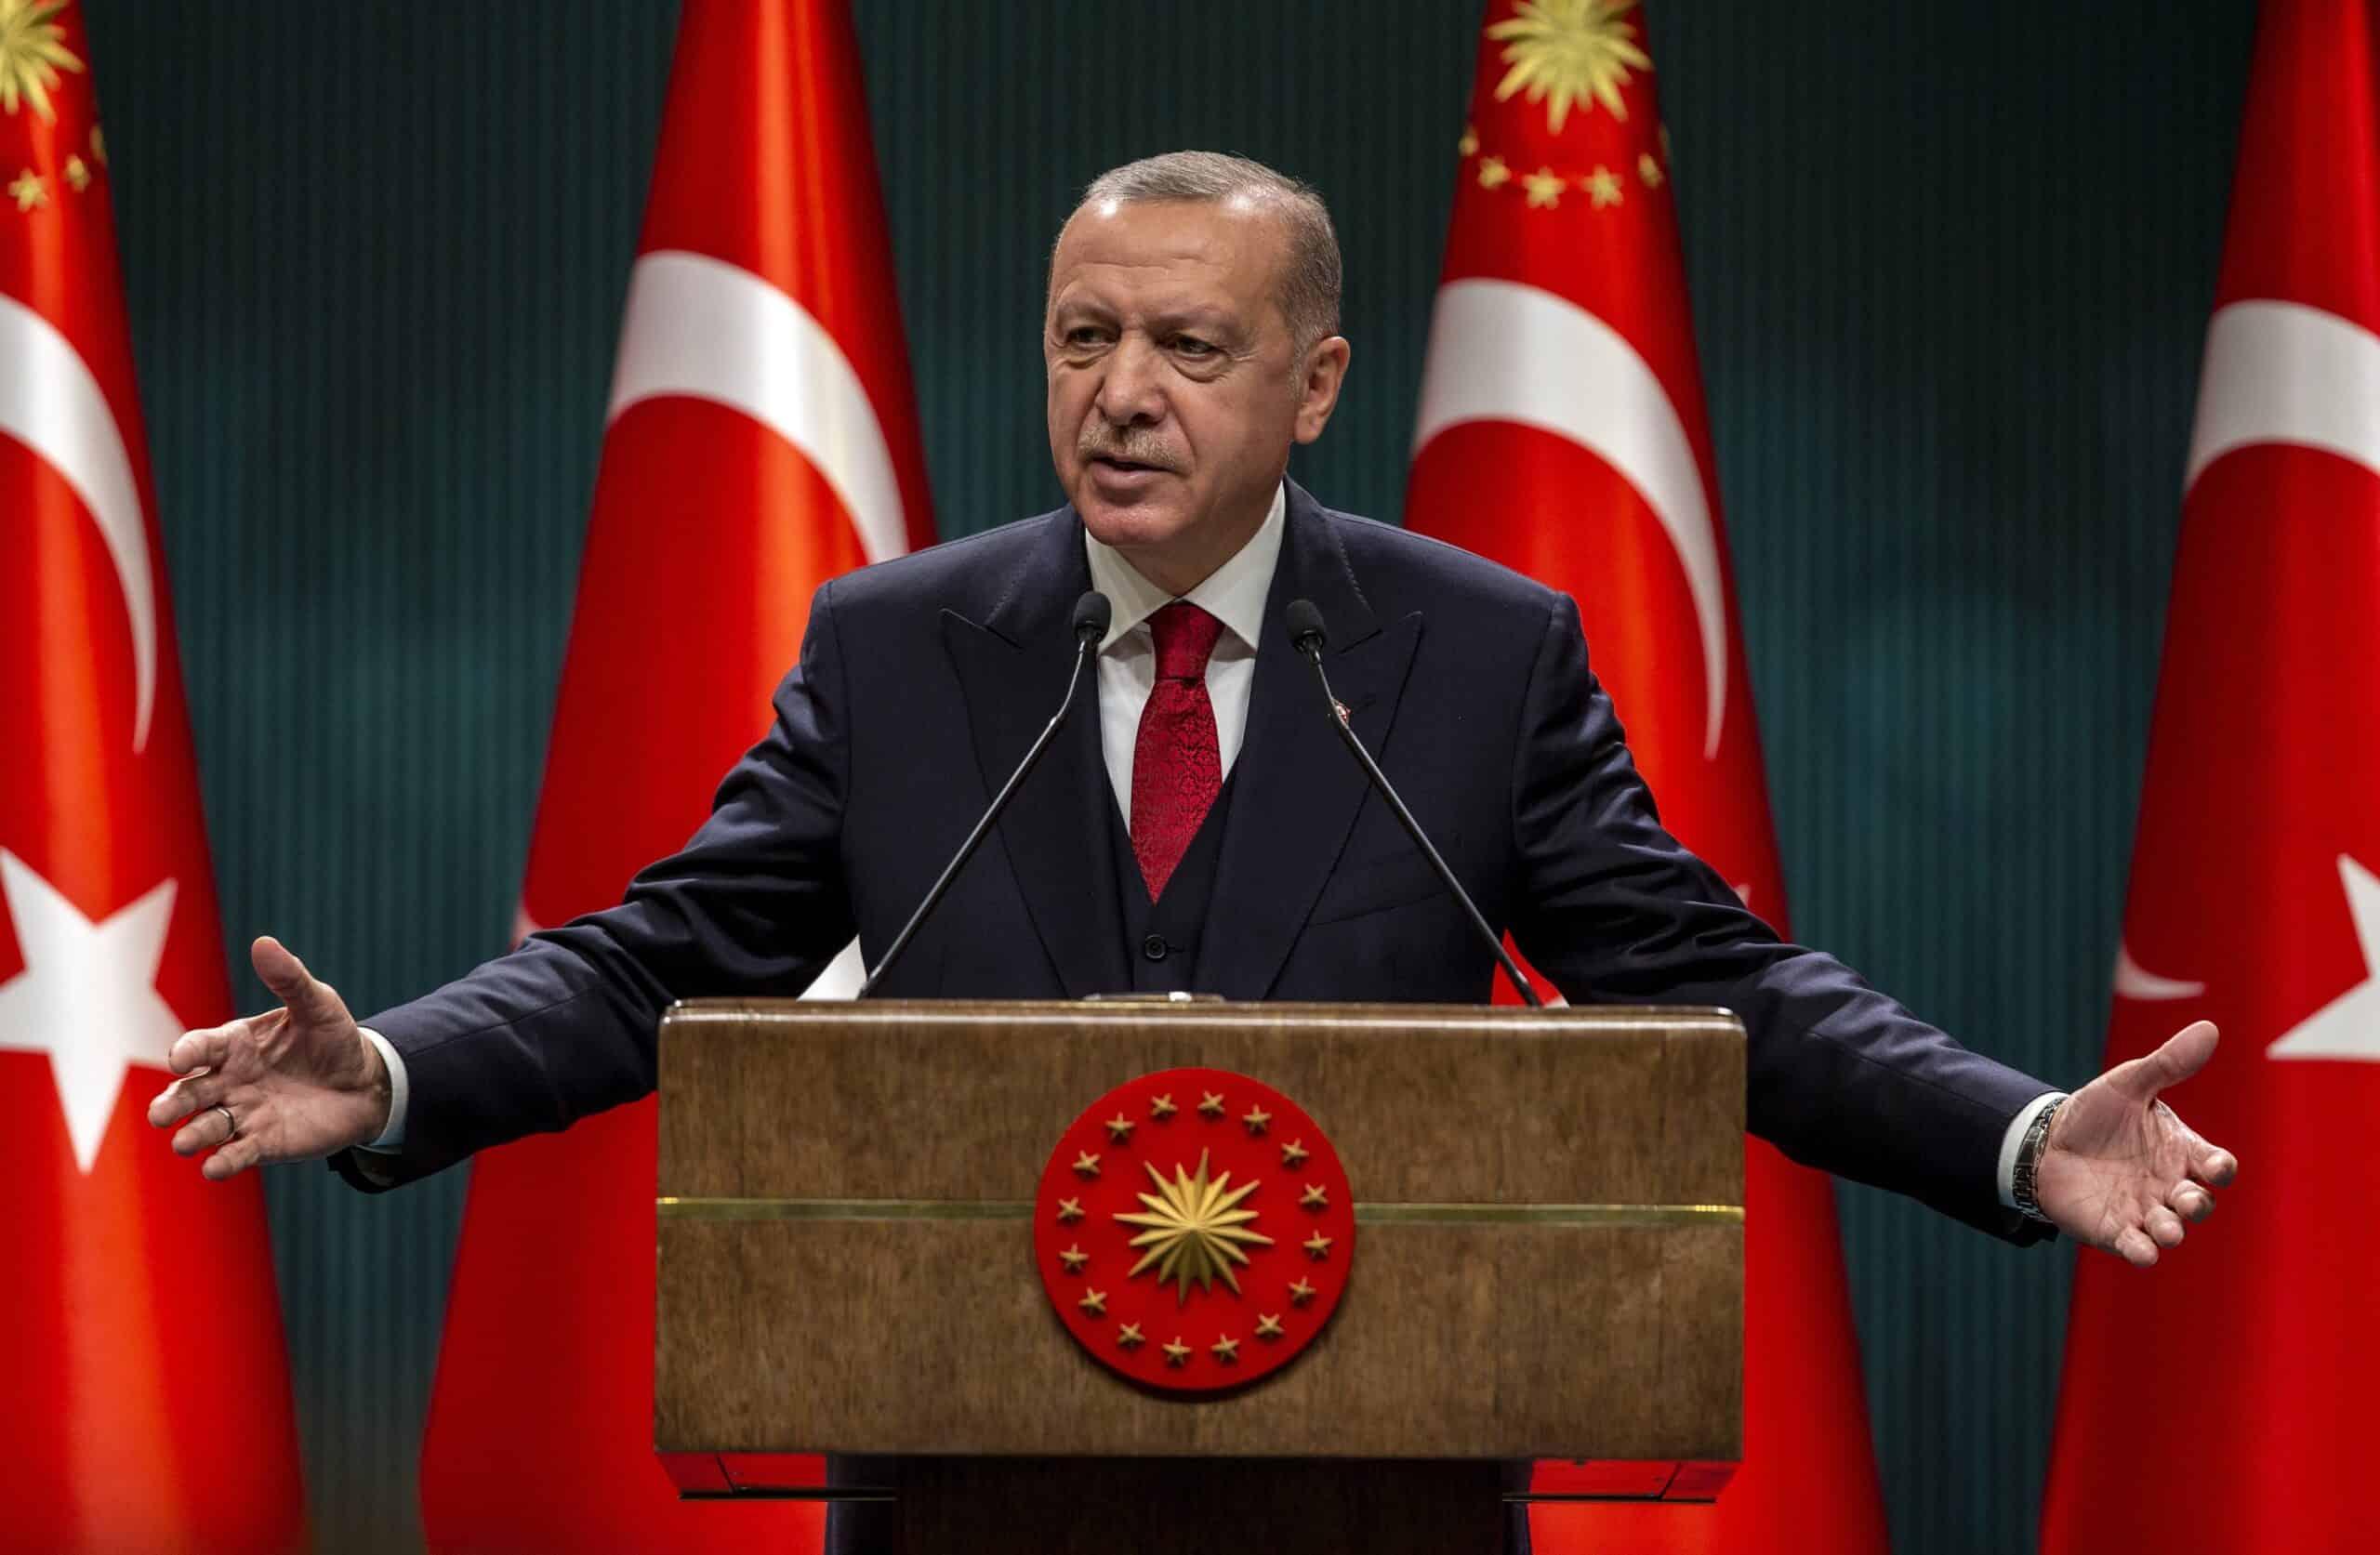 أردوغان يدعو المستثمرين لتجربة حسن الضيافة التركية